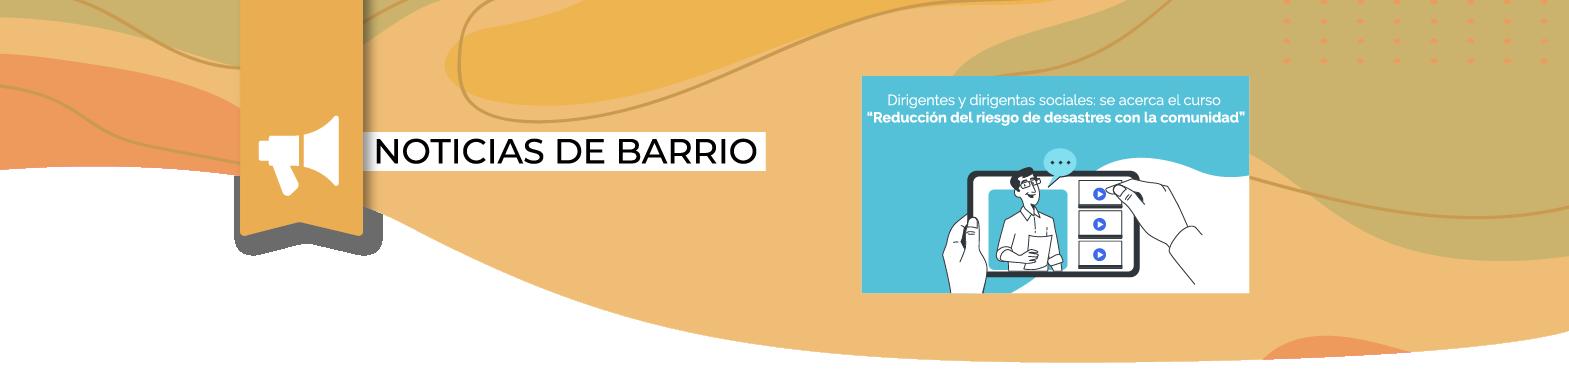 """¡Atención dirigentes y dirigentas!: Inscripciones abiertas para curso virtual """"Reducción del riesgo de desastres con la comunidad"""""""